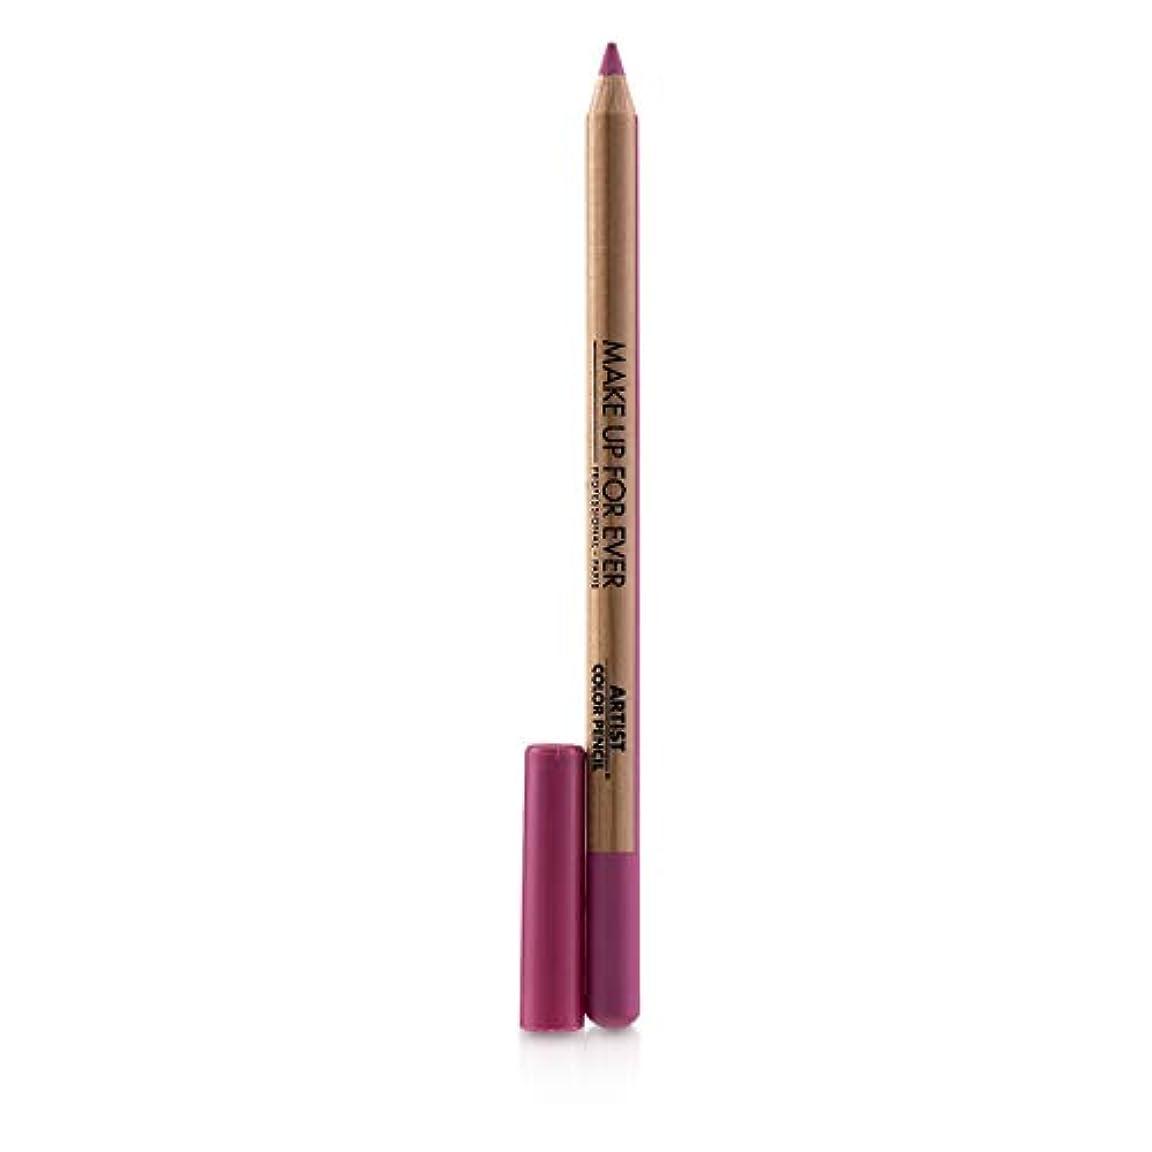 遠征電圧考えたメイクアップフォーエバー Artist Color Pencil - # 804 No Boundaries Blush 1.41g/0.04oz並行輸入品